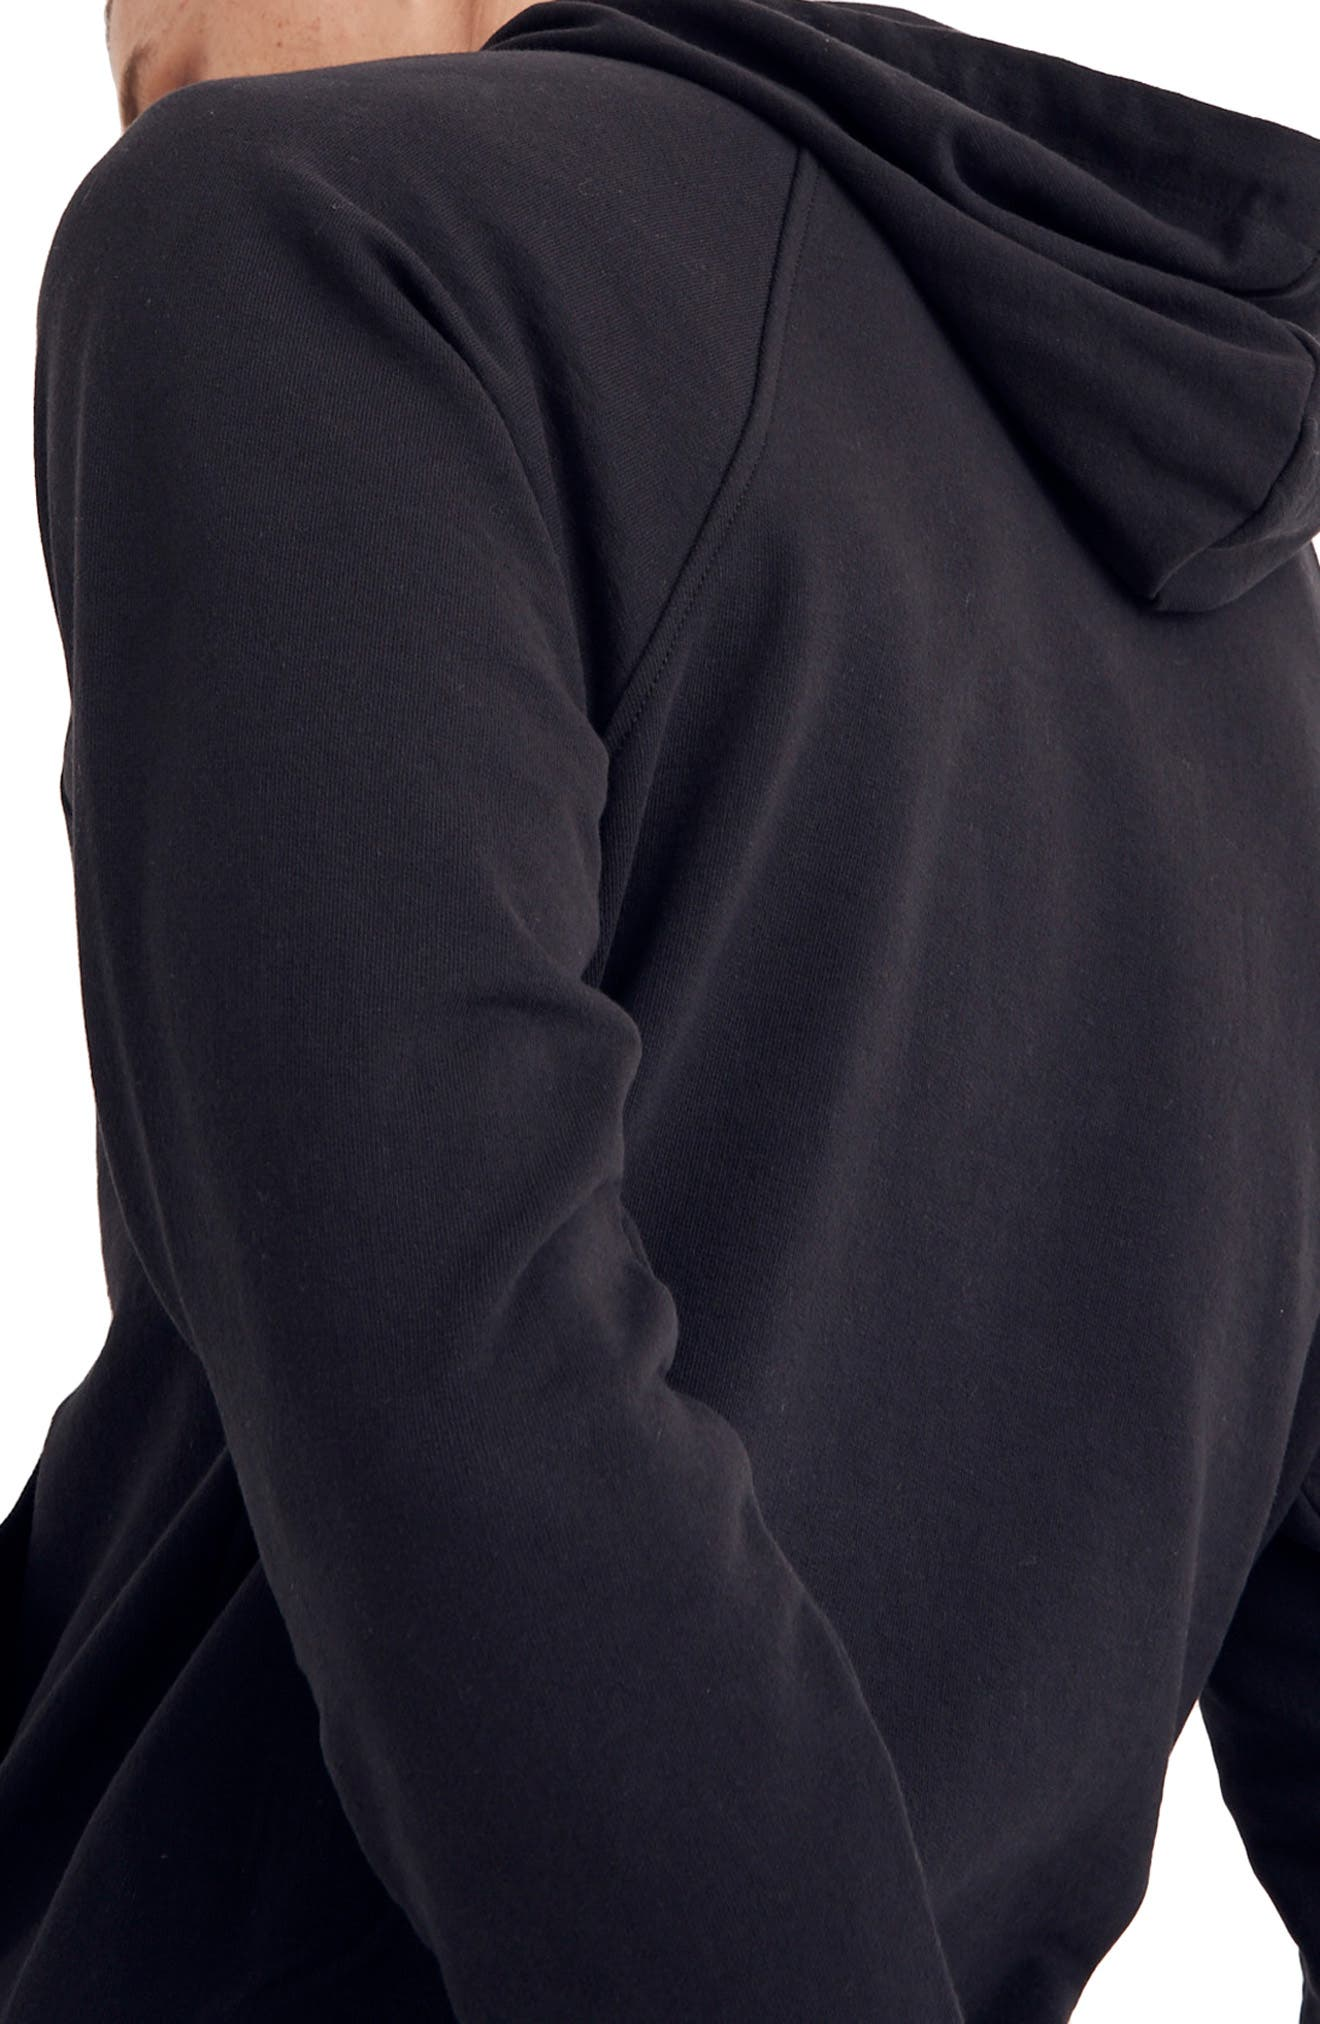 Cotton Hoodie,                             Alternate thumbnail 2, color,                             BLACK